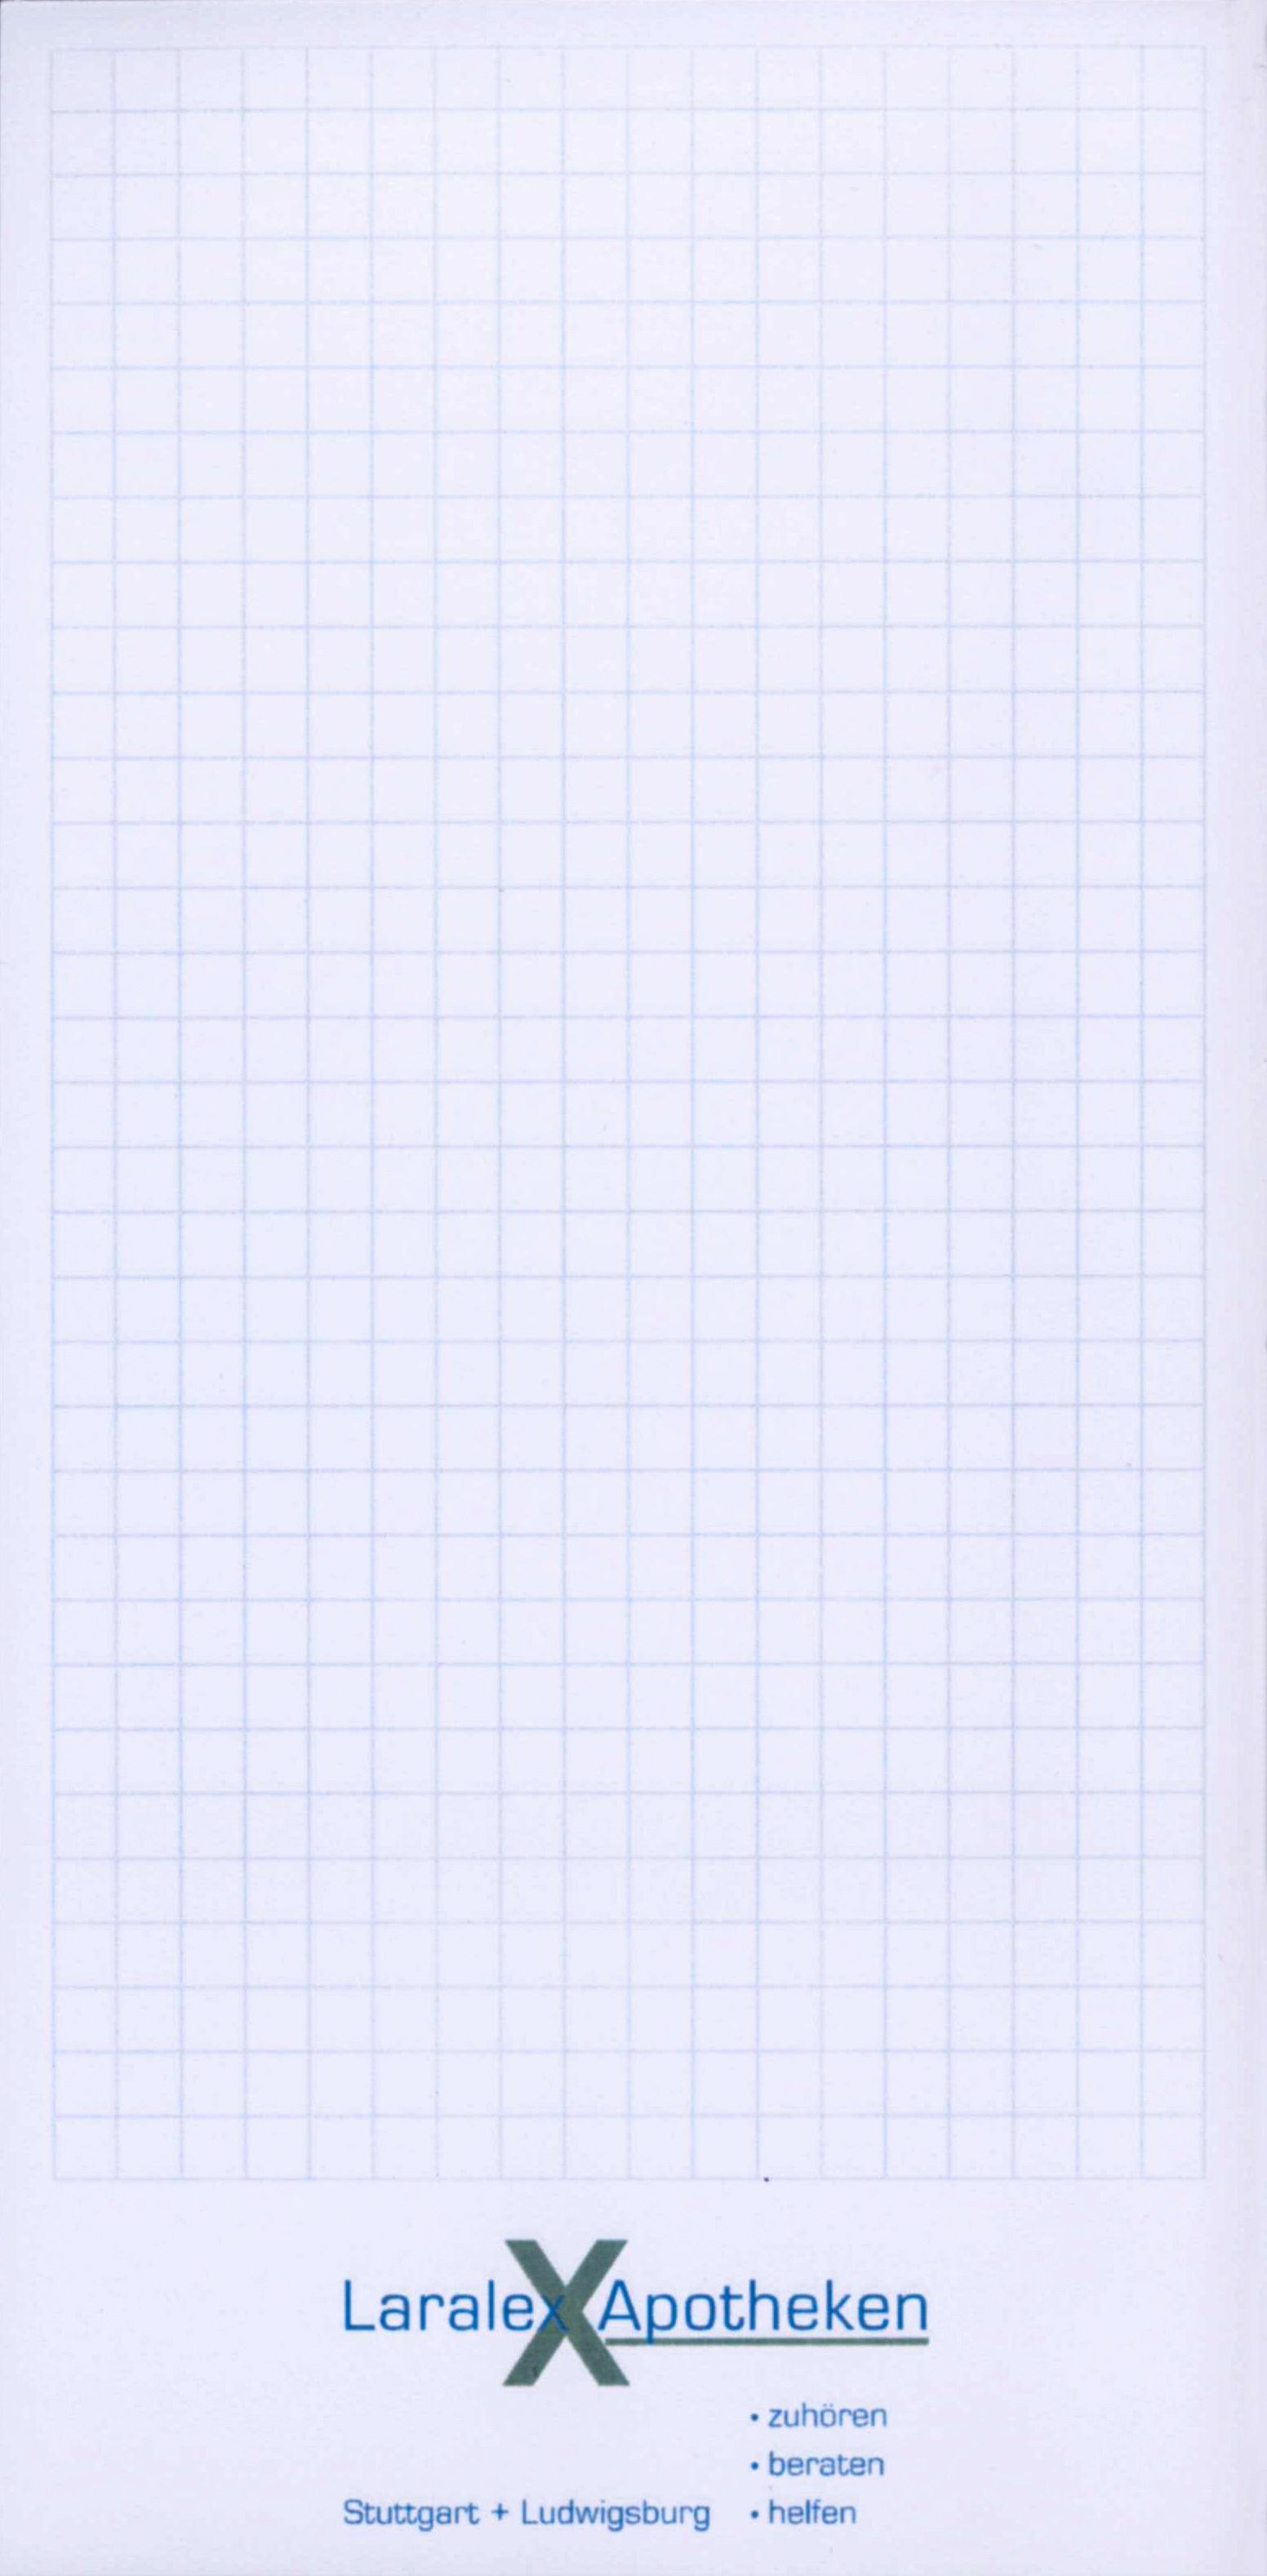 Notizblock 10 x 20 cm, 35 Blatt inklusive einfarbigem Druck